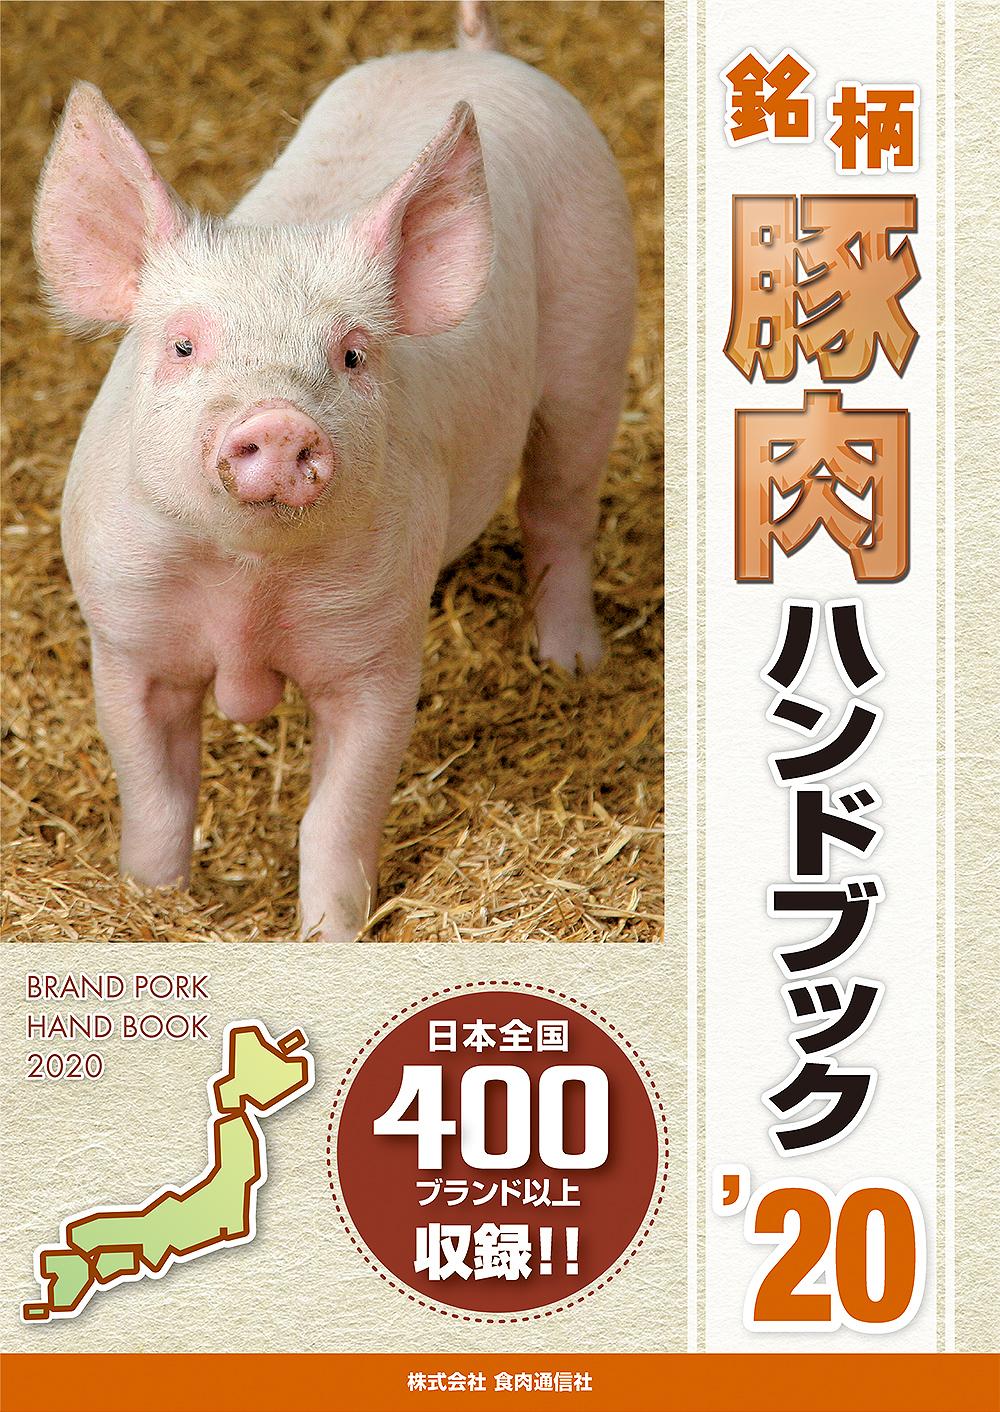 銘柄豚肉ハンドブック2020